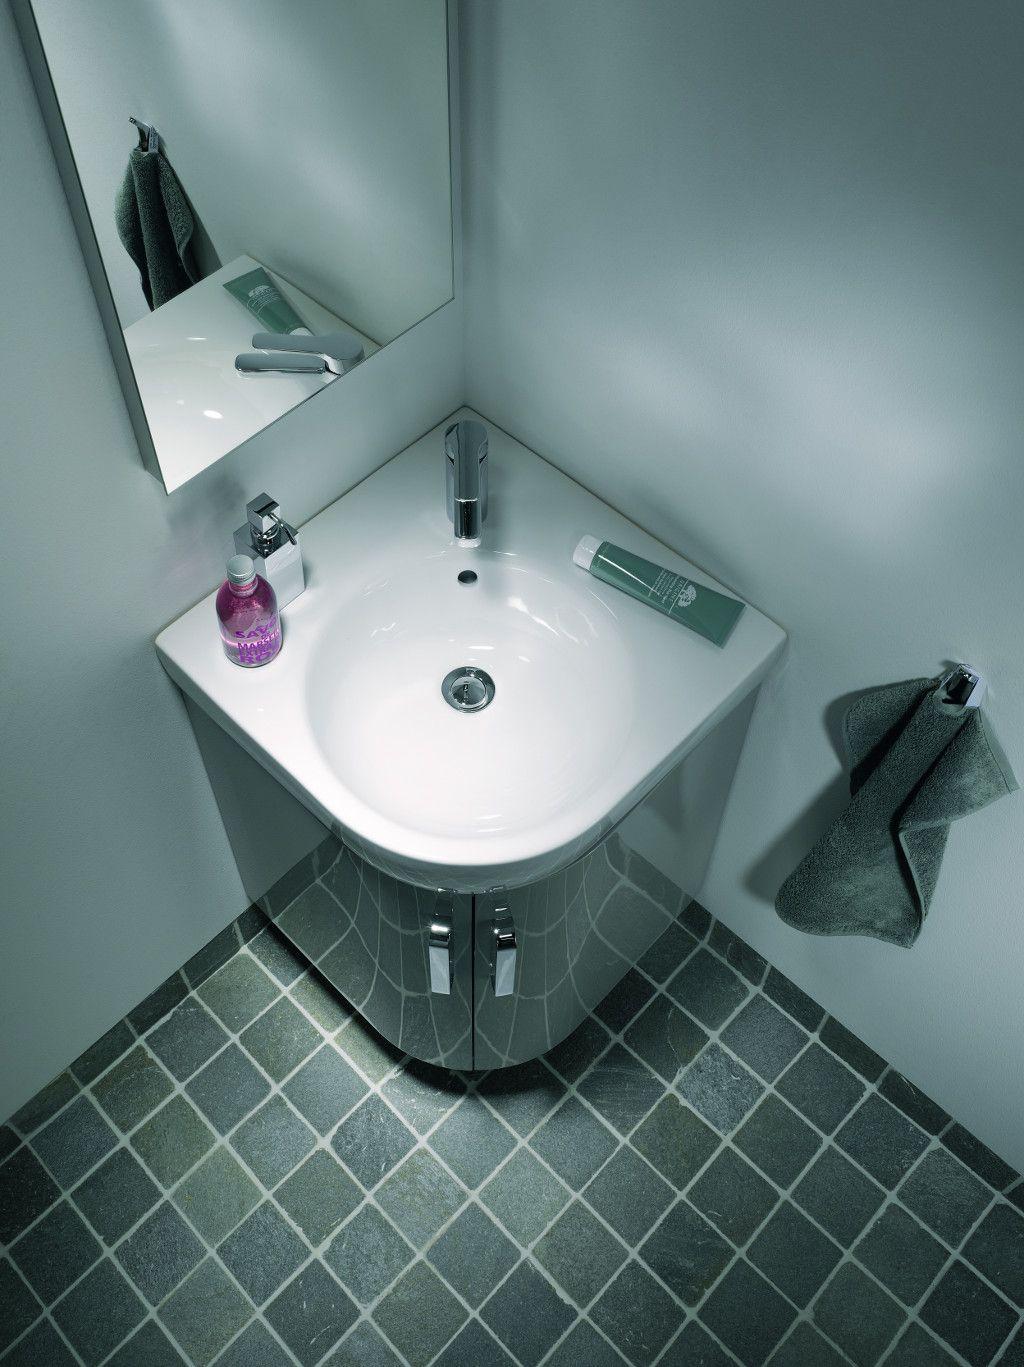 Meuble Sous Vasque Salle De Bain Mr Bricolage ~ Nieuw Ruimtebesparend Badkamerconcept Voor De Kleine Badkamer